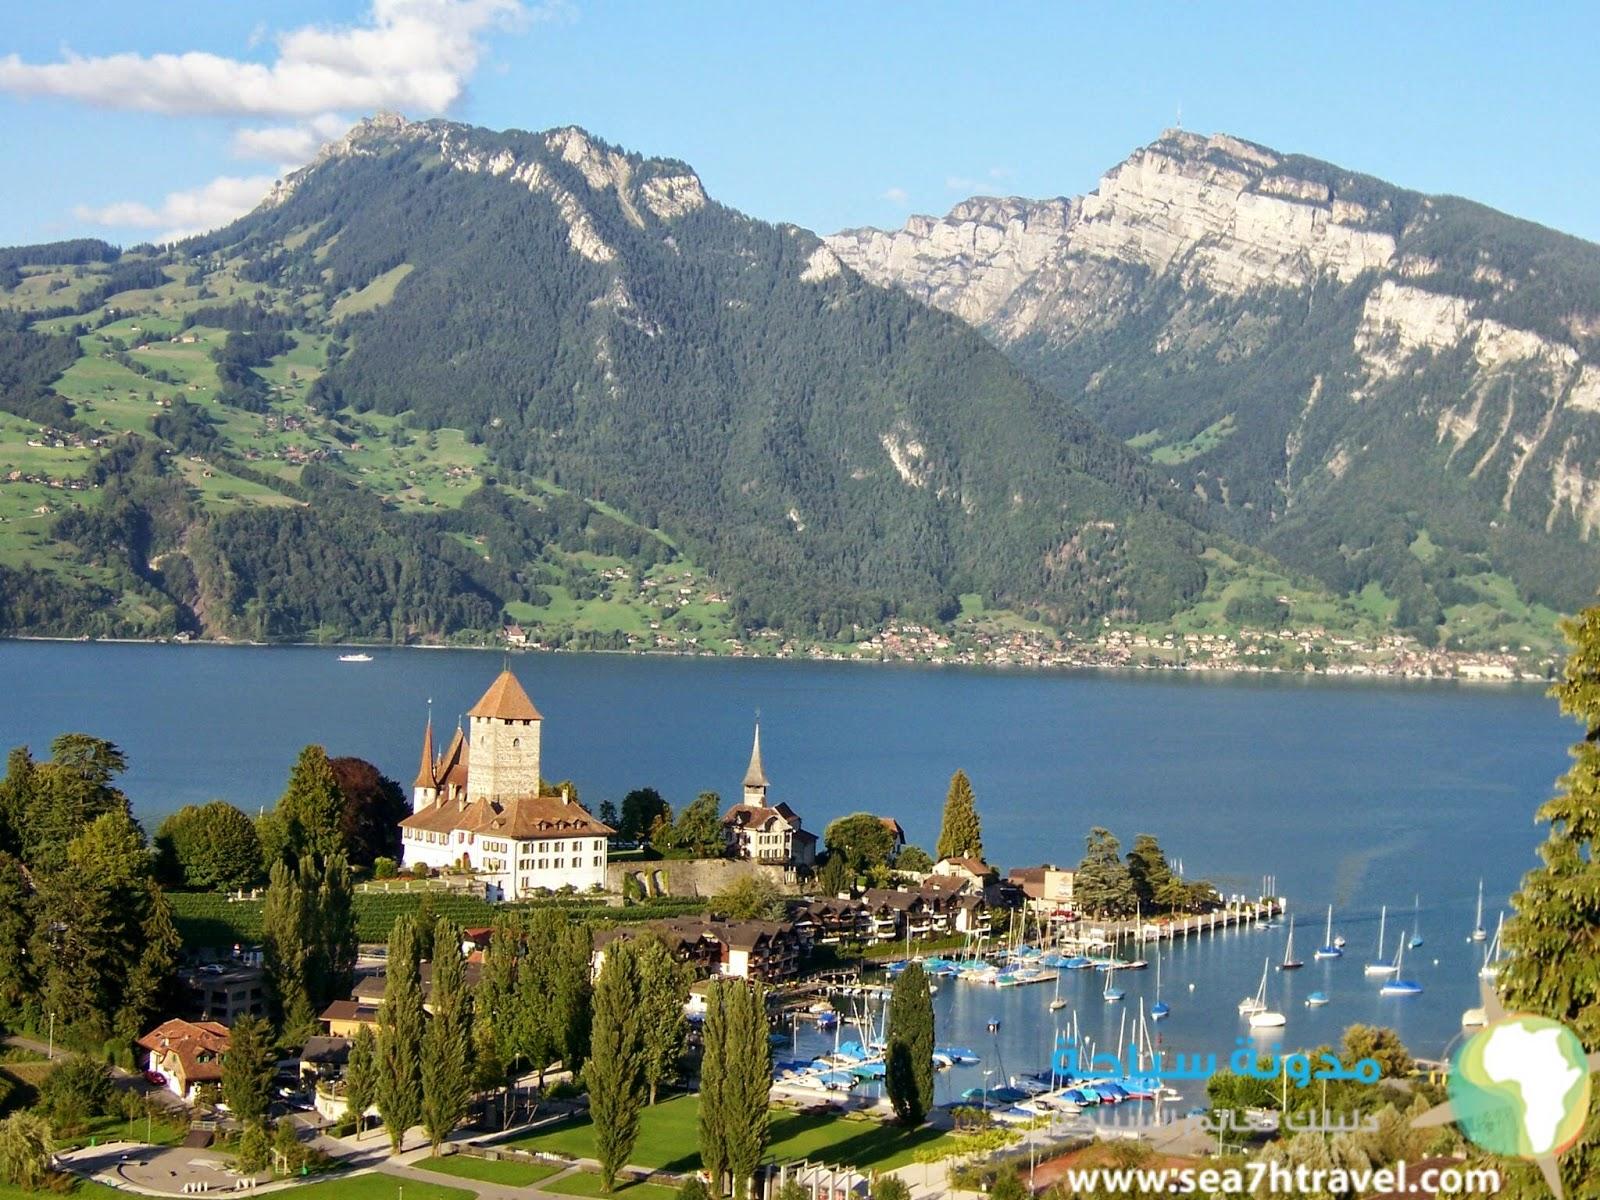 رحلة الي بحيرة ثون الساحرة في سويسرا